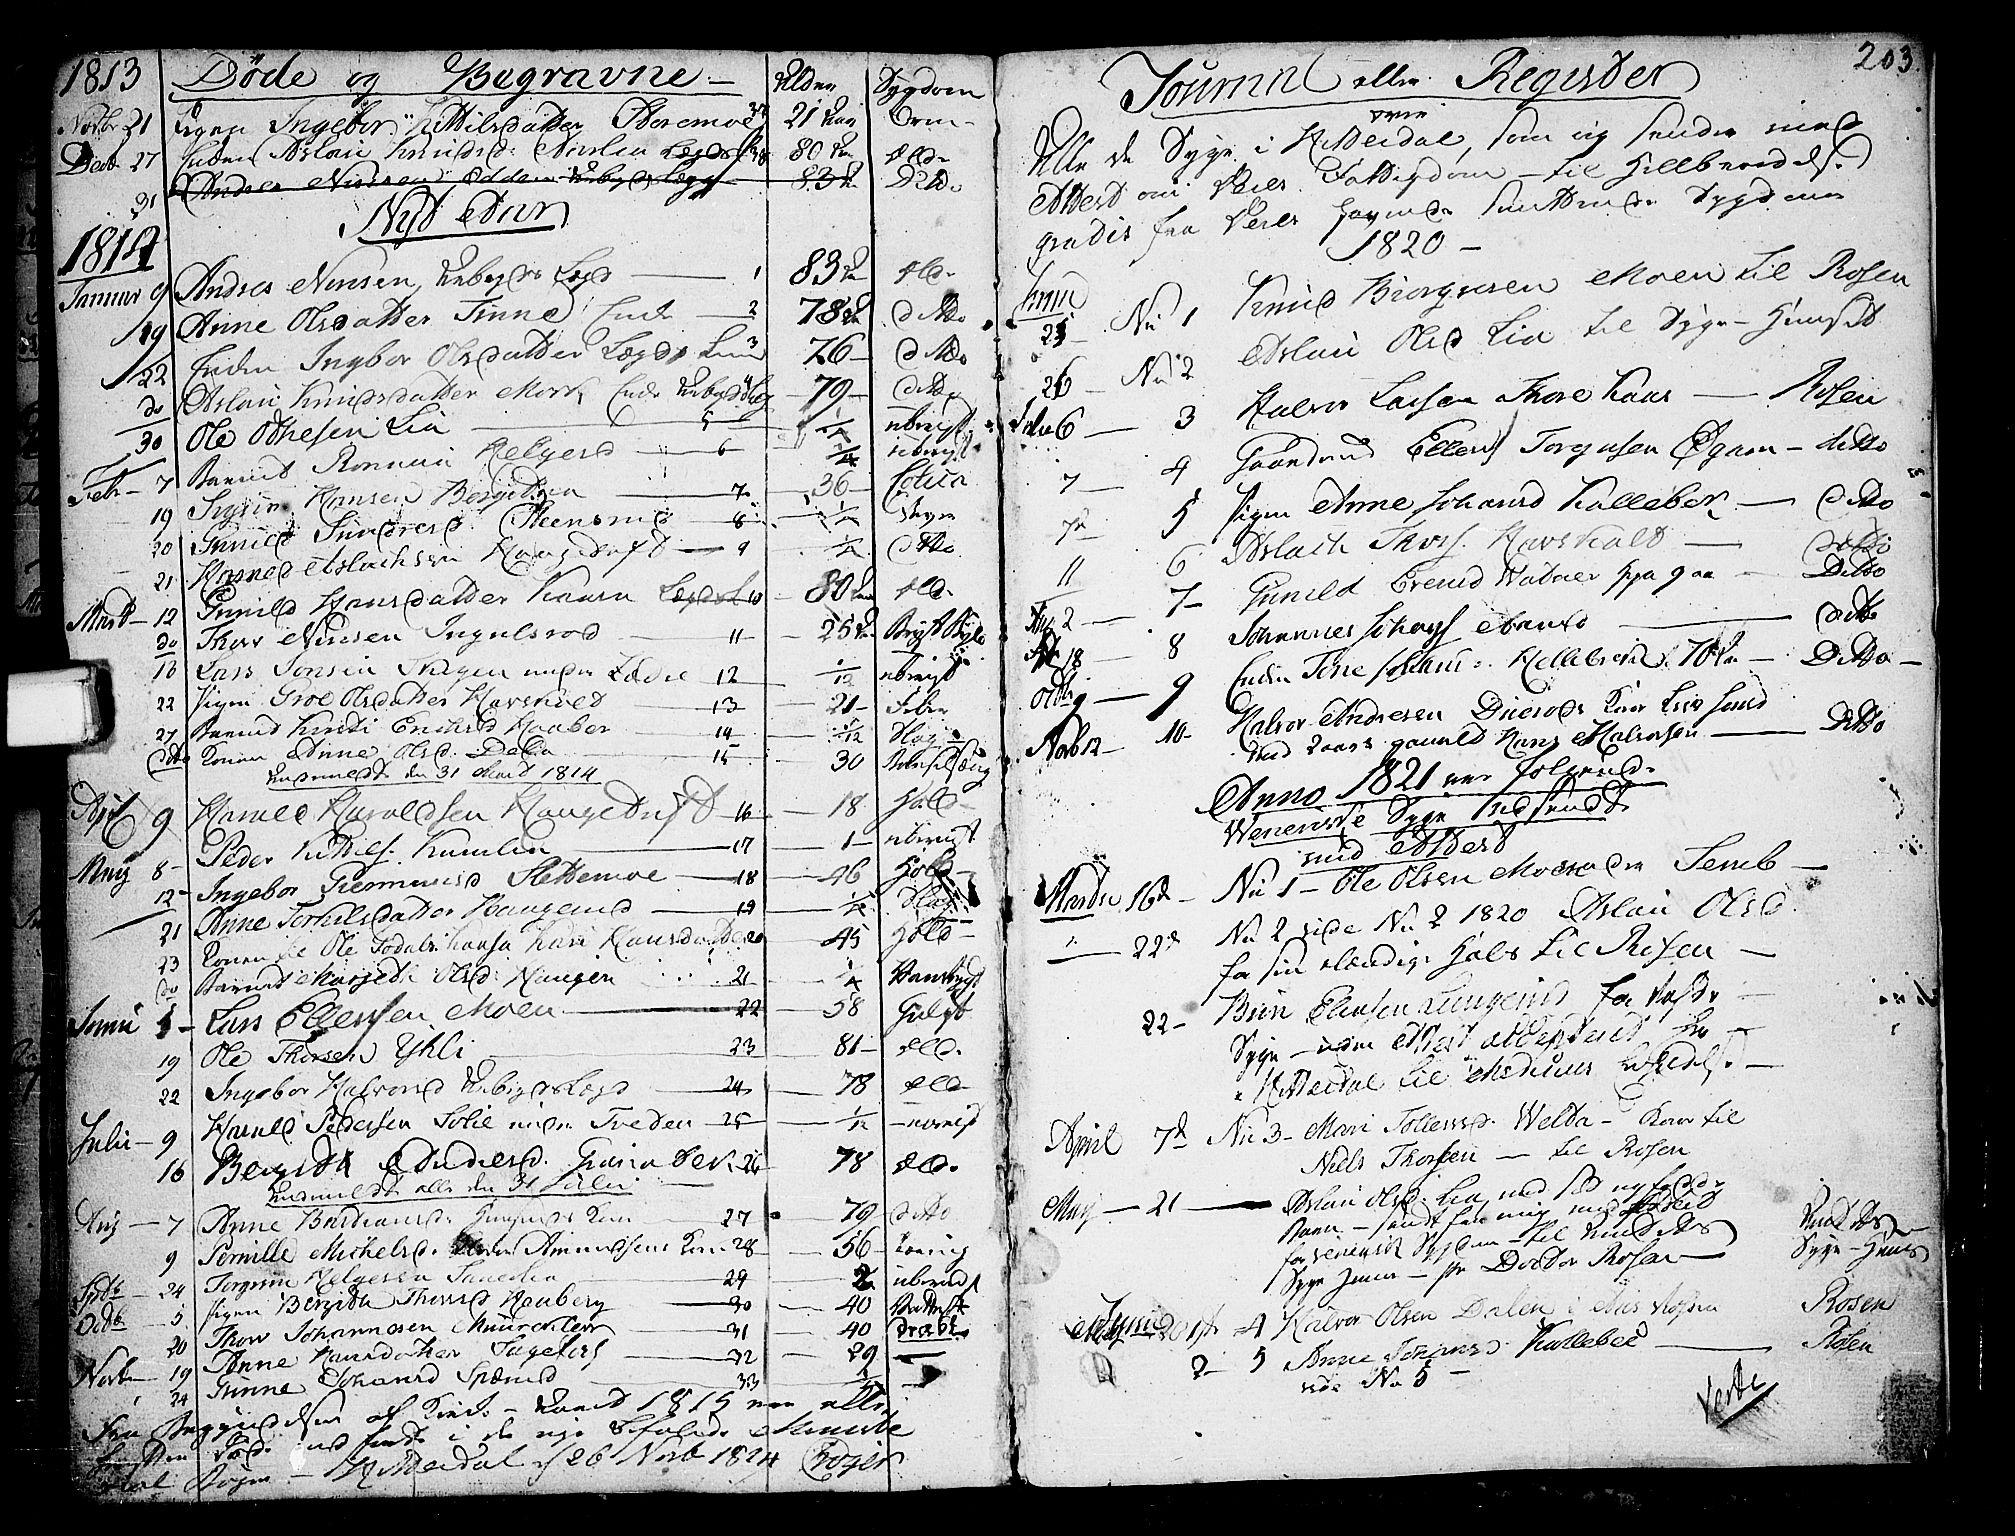 SAKO, Heddal kirkebøker, F/Fa/L0004: Ministerialbok nr. I 4, 1784-1814, s. 203